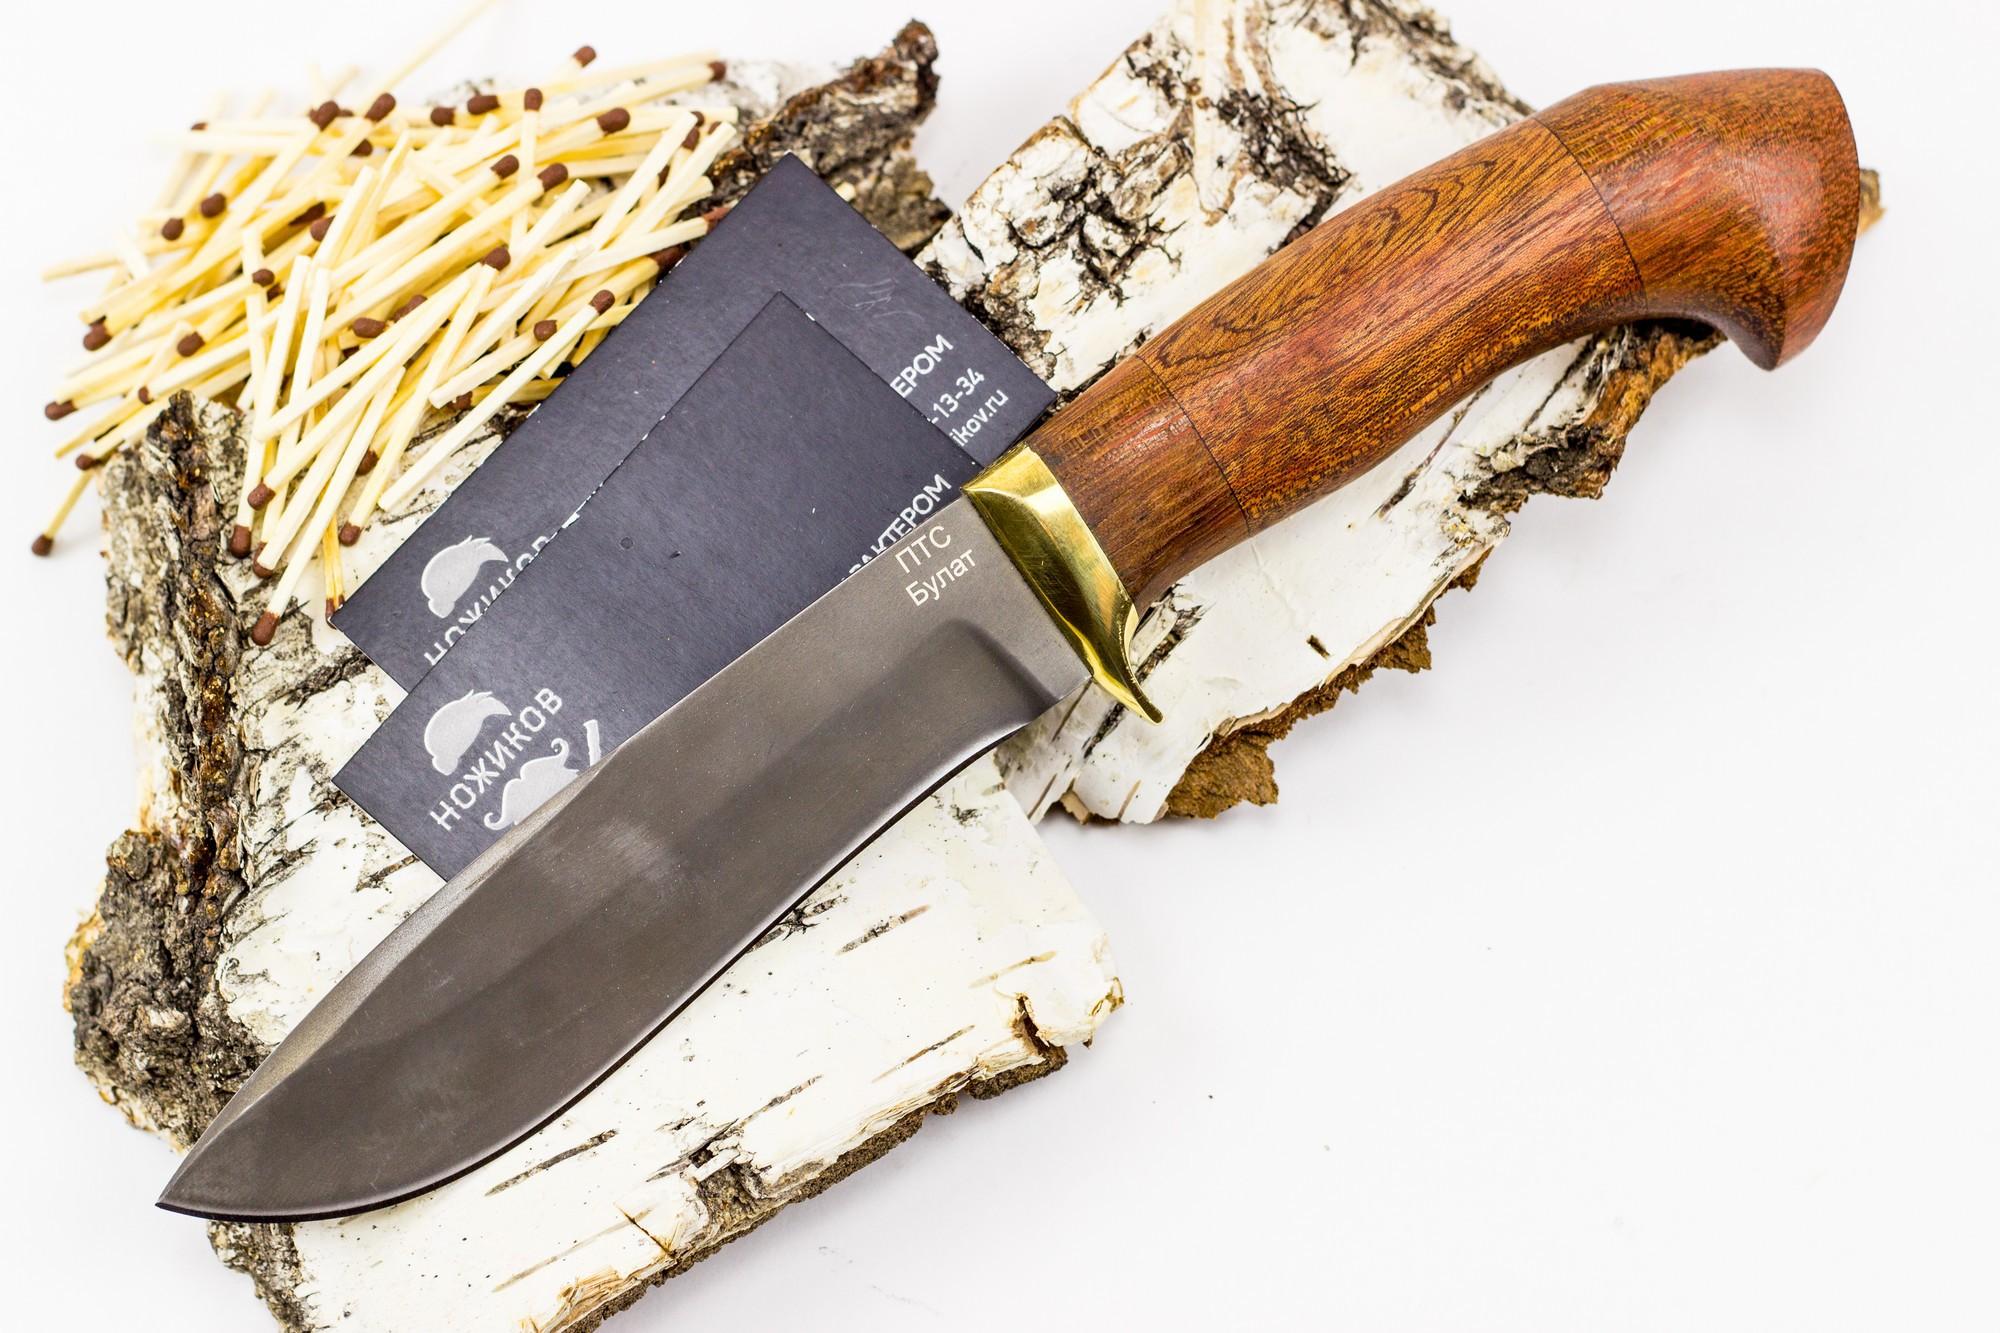 Нож булатный ТюленьНожи Ворсма<br>Нож «Тюлень» орех,Сталь ножа:булатОбщая длина ножа(мм): 250-260Толщина клинка(мм):4,0Твердость клинка(HRC): 62-64Рукоять ножа: орехНожны: натуральная кожаСертификат в комплекте с ножом.<br>